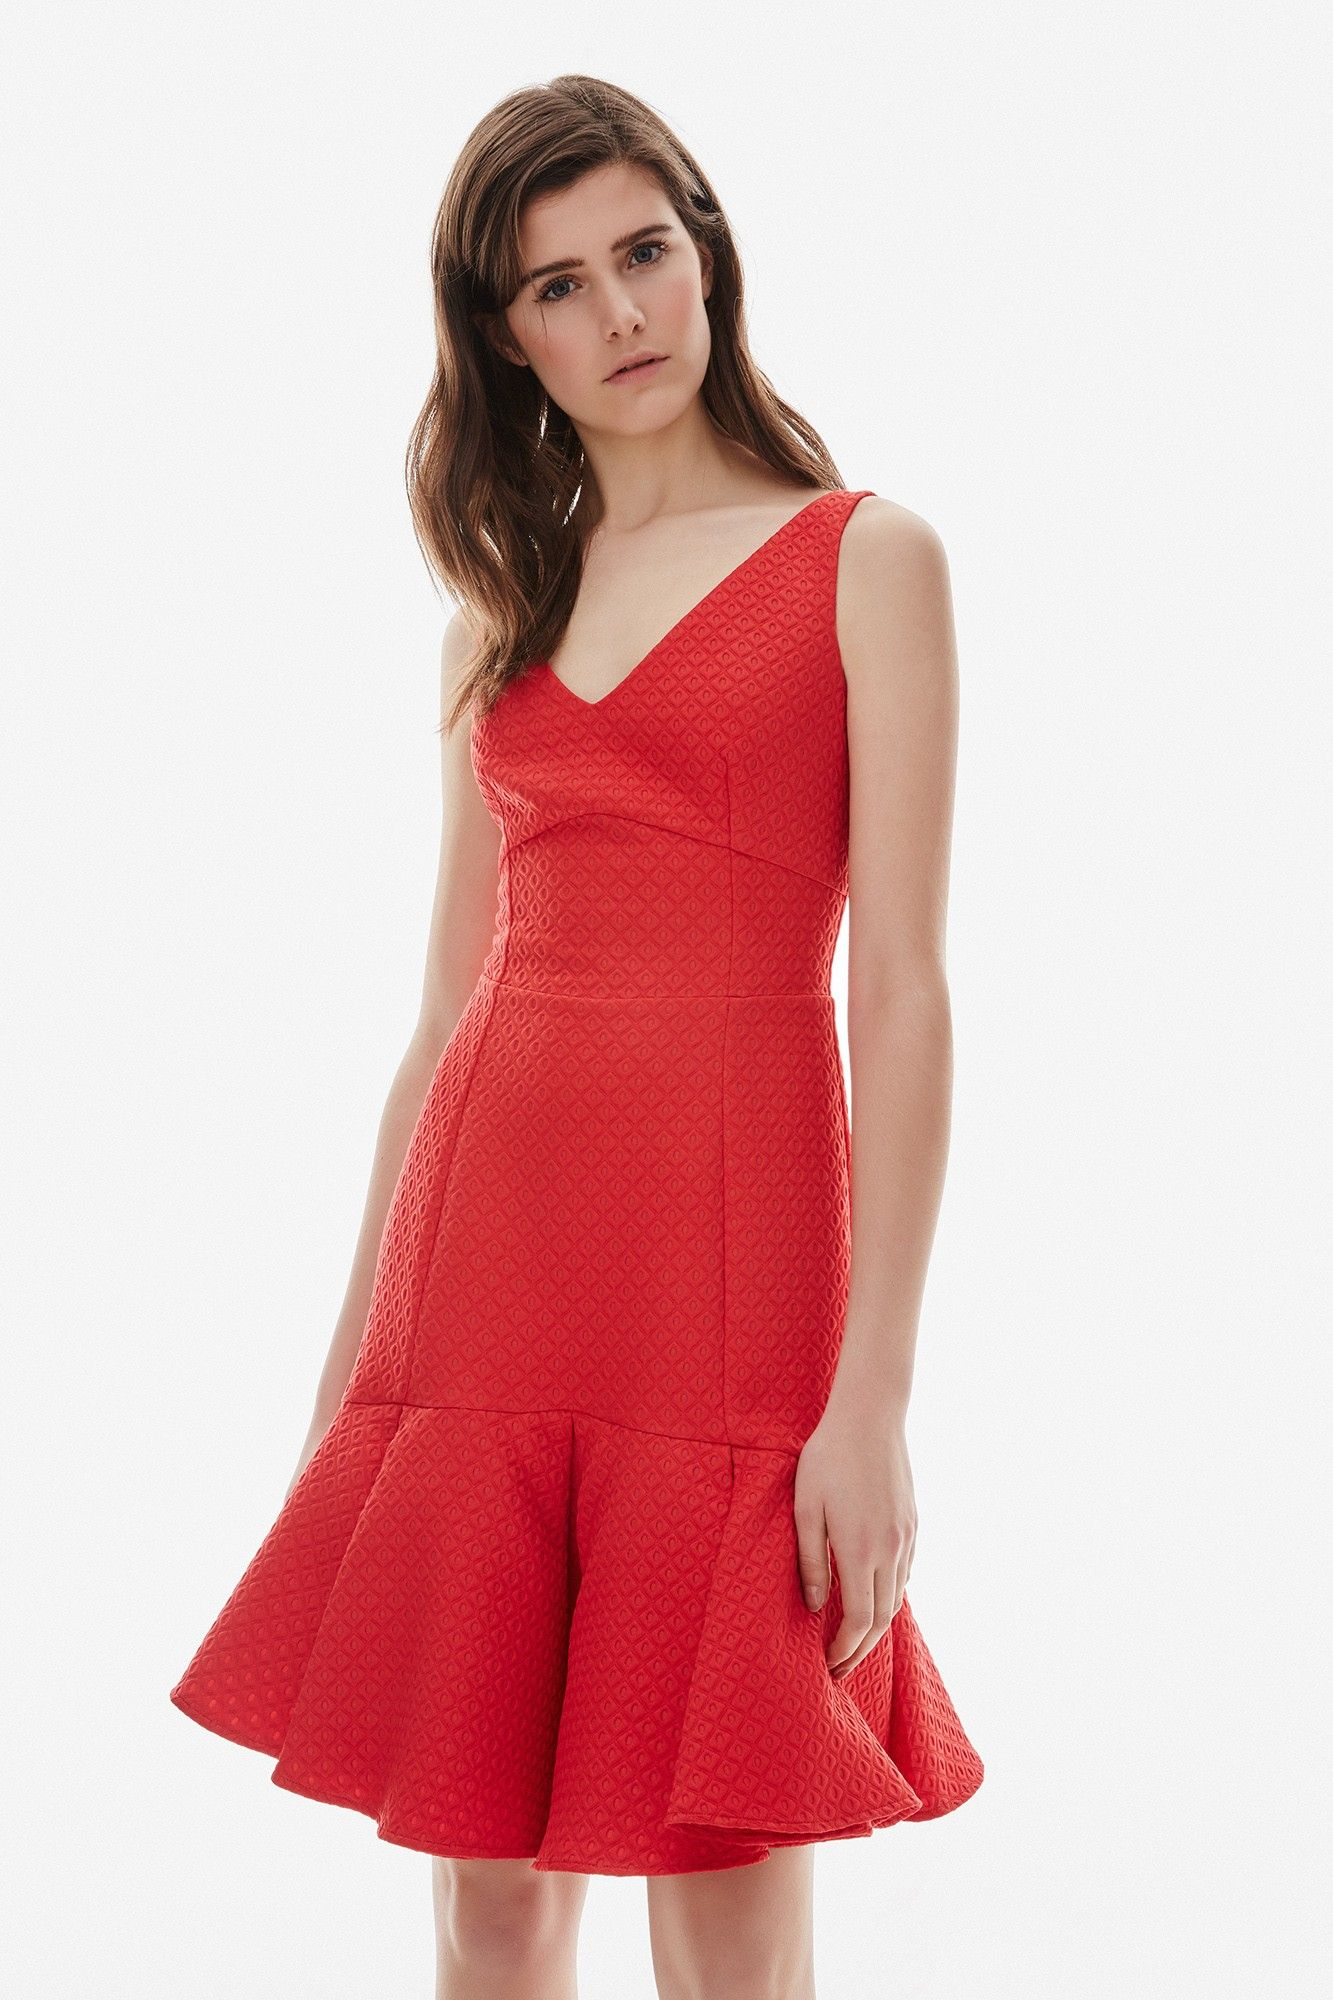 932a804b9c Vestido rojo entallado